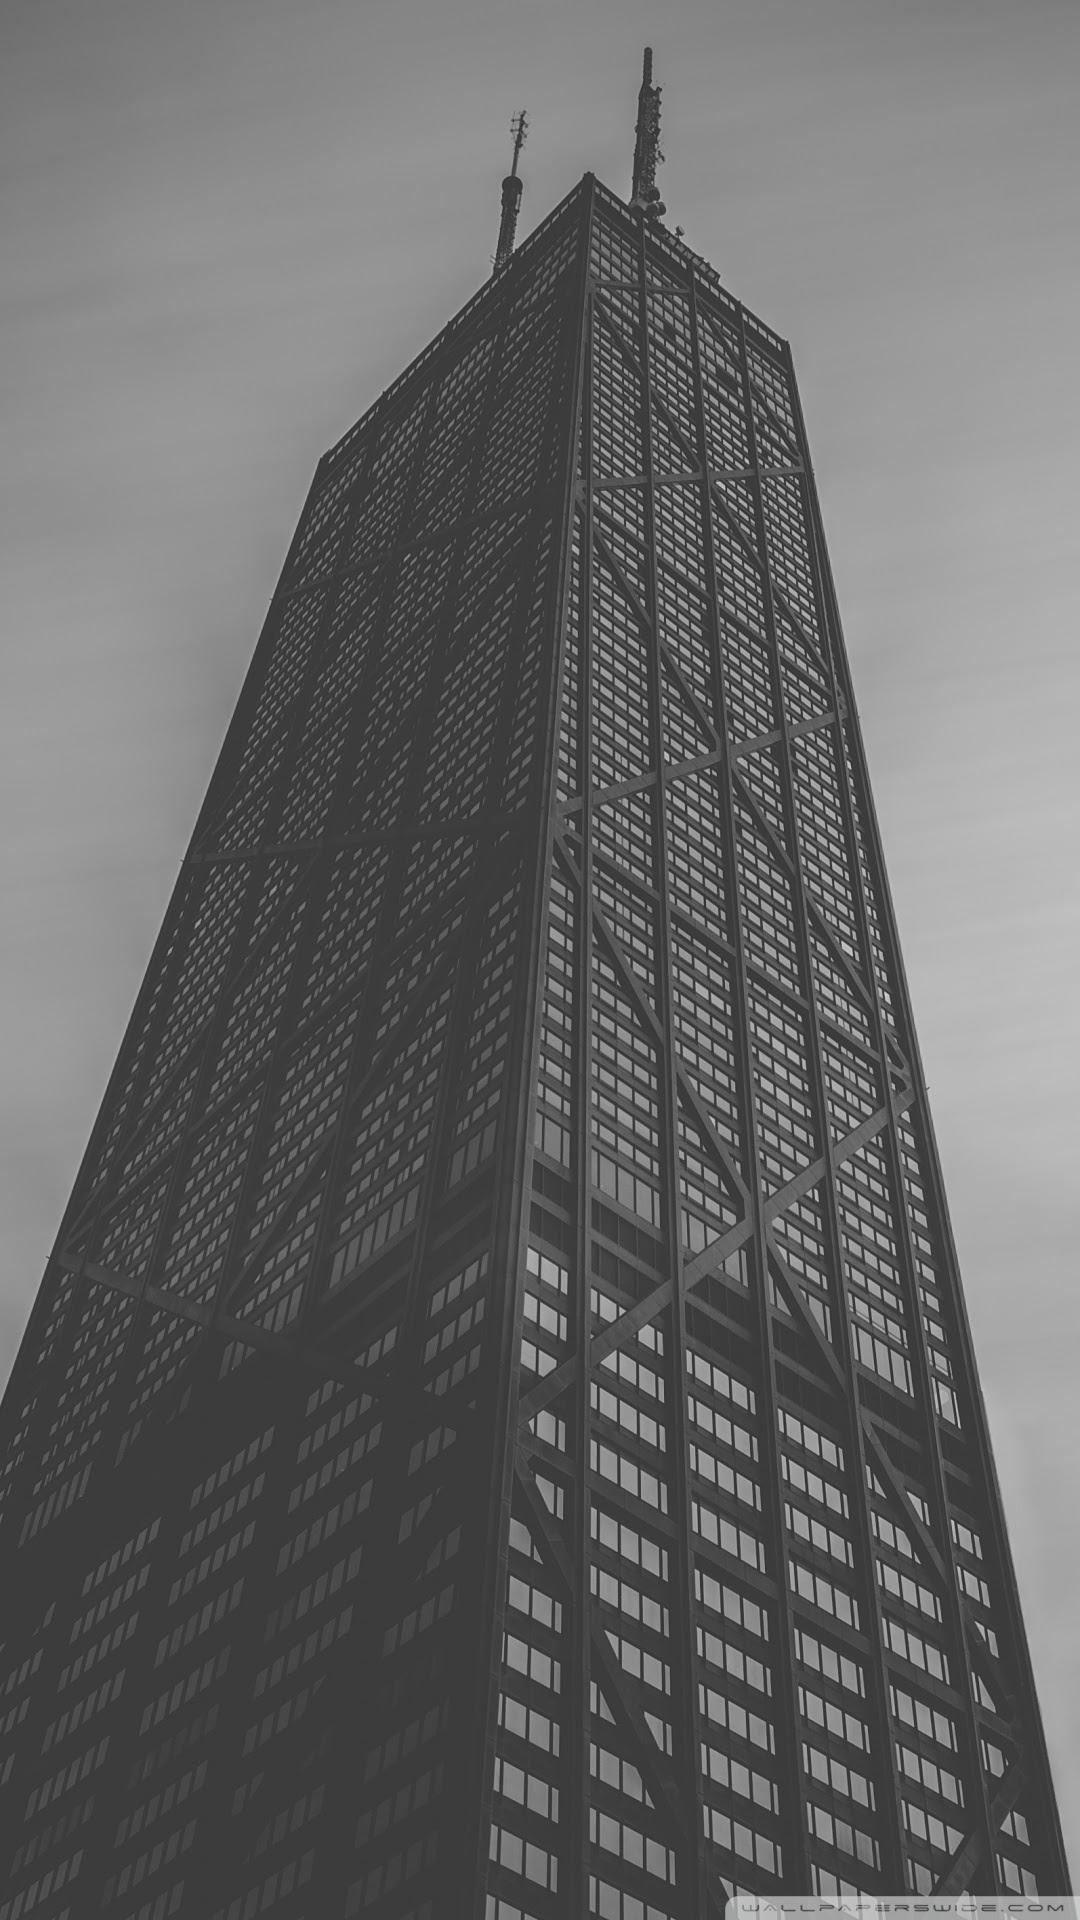 John Hancock Center In Chicago Black And White Ultra Hd Desktop